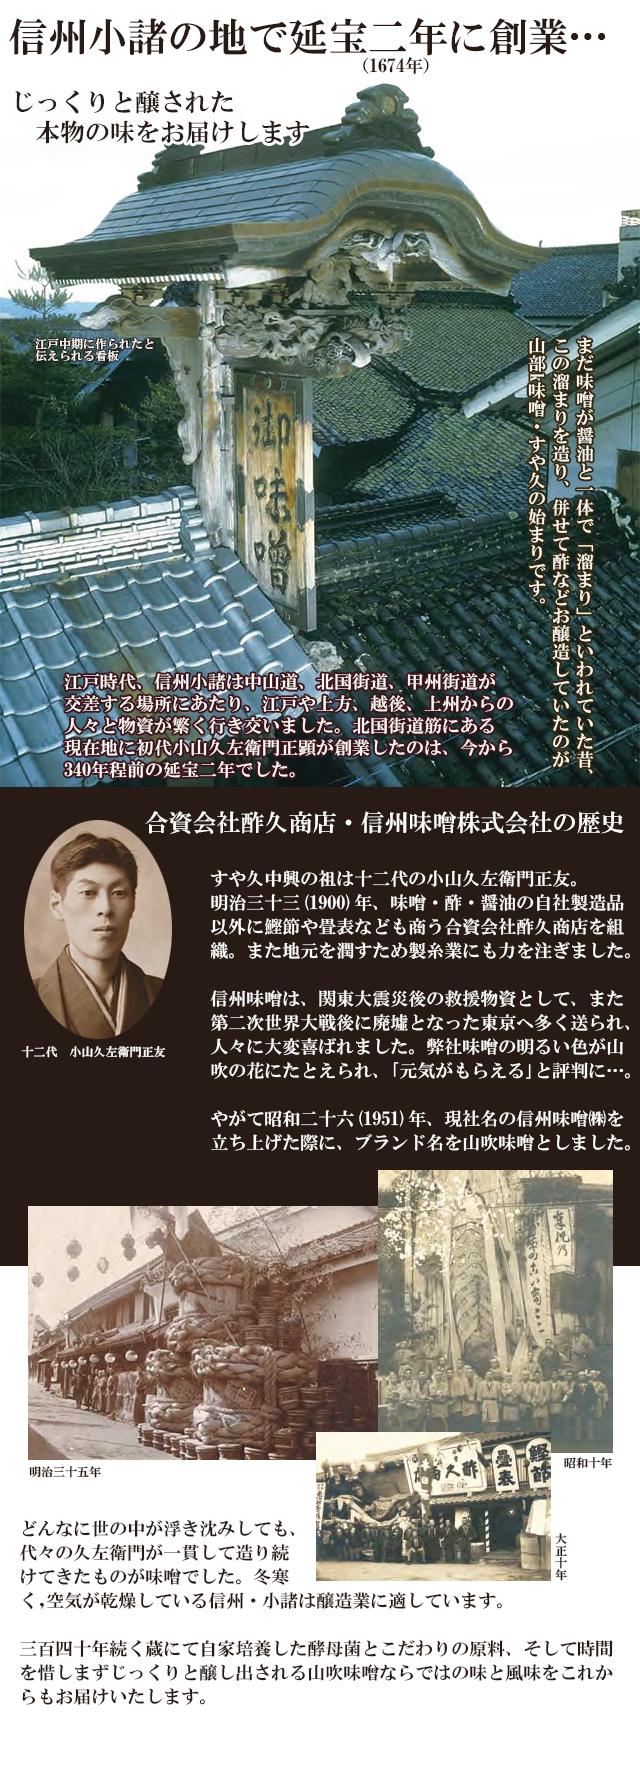 カテゴリ共通歴史1